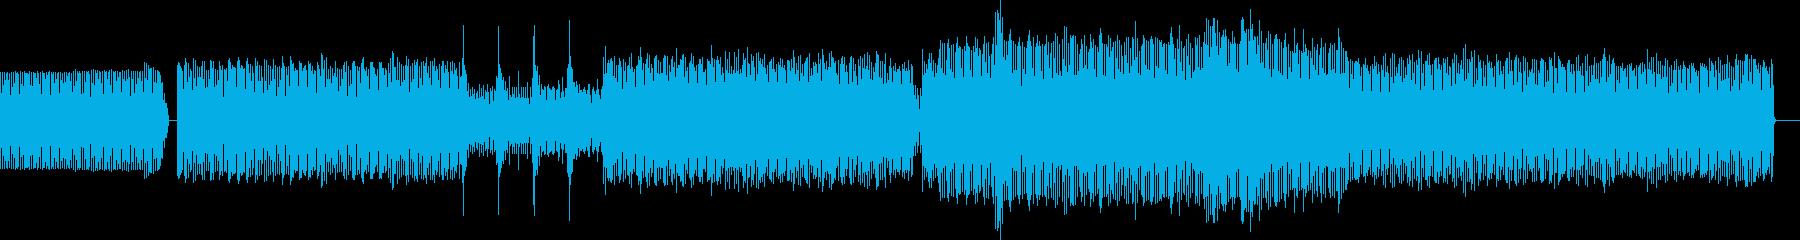 ループハウスの再生済みの波形